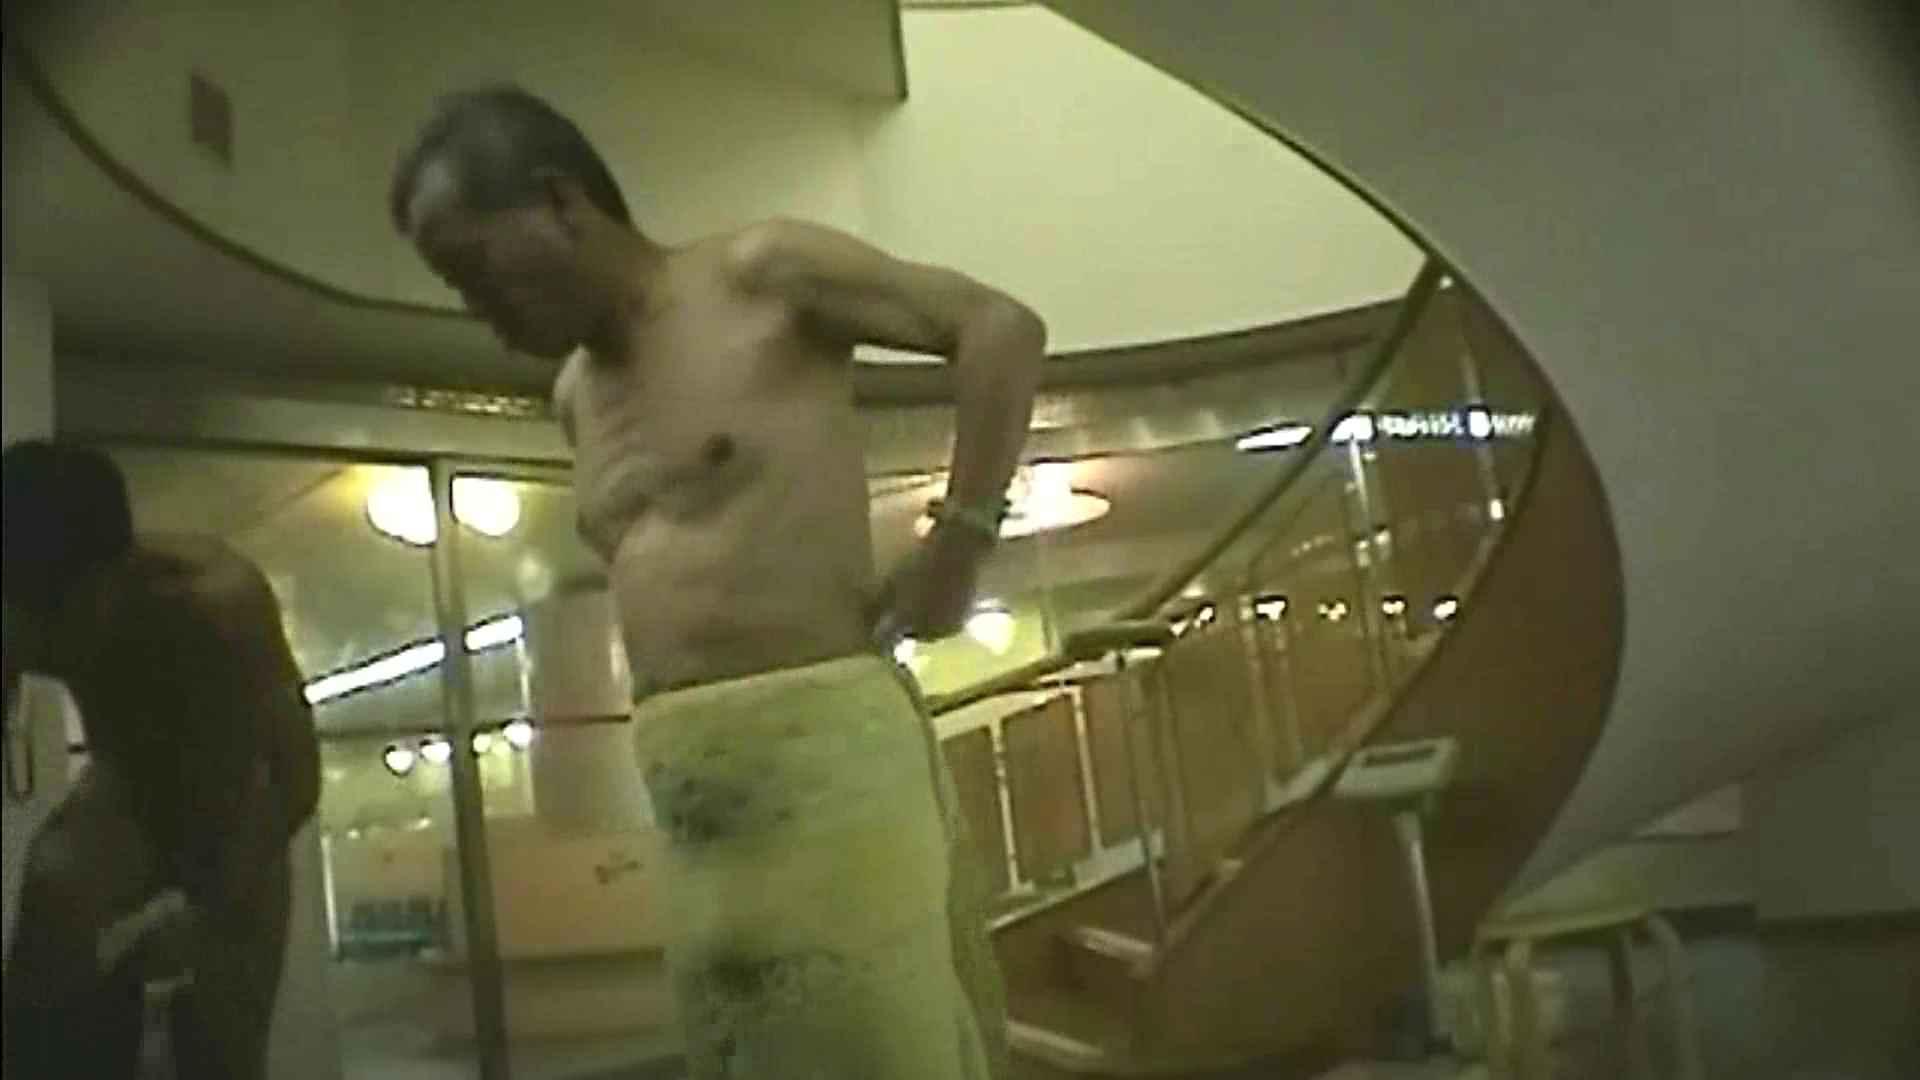 男風呂覗かせていただきます。Vol.02 サル系ボーイズ | ボーイズチンコ  93pic 2